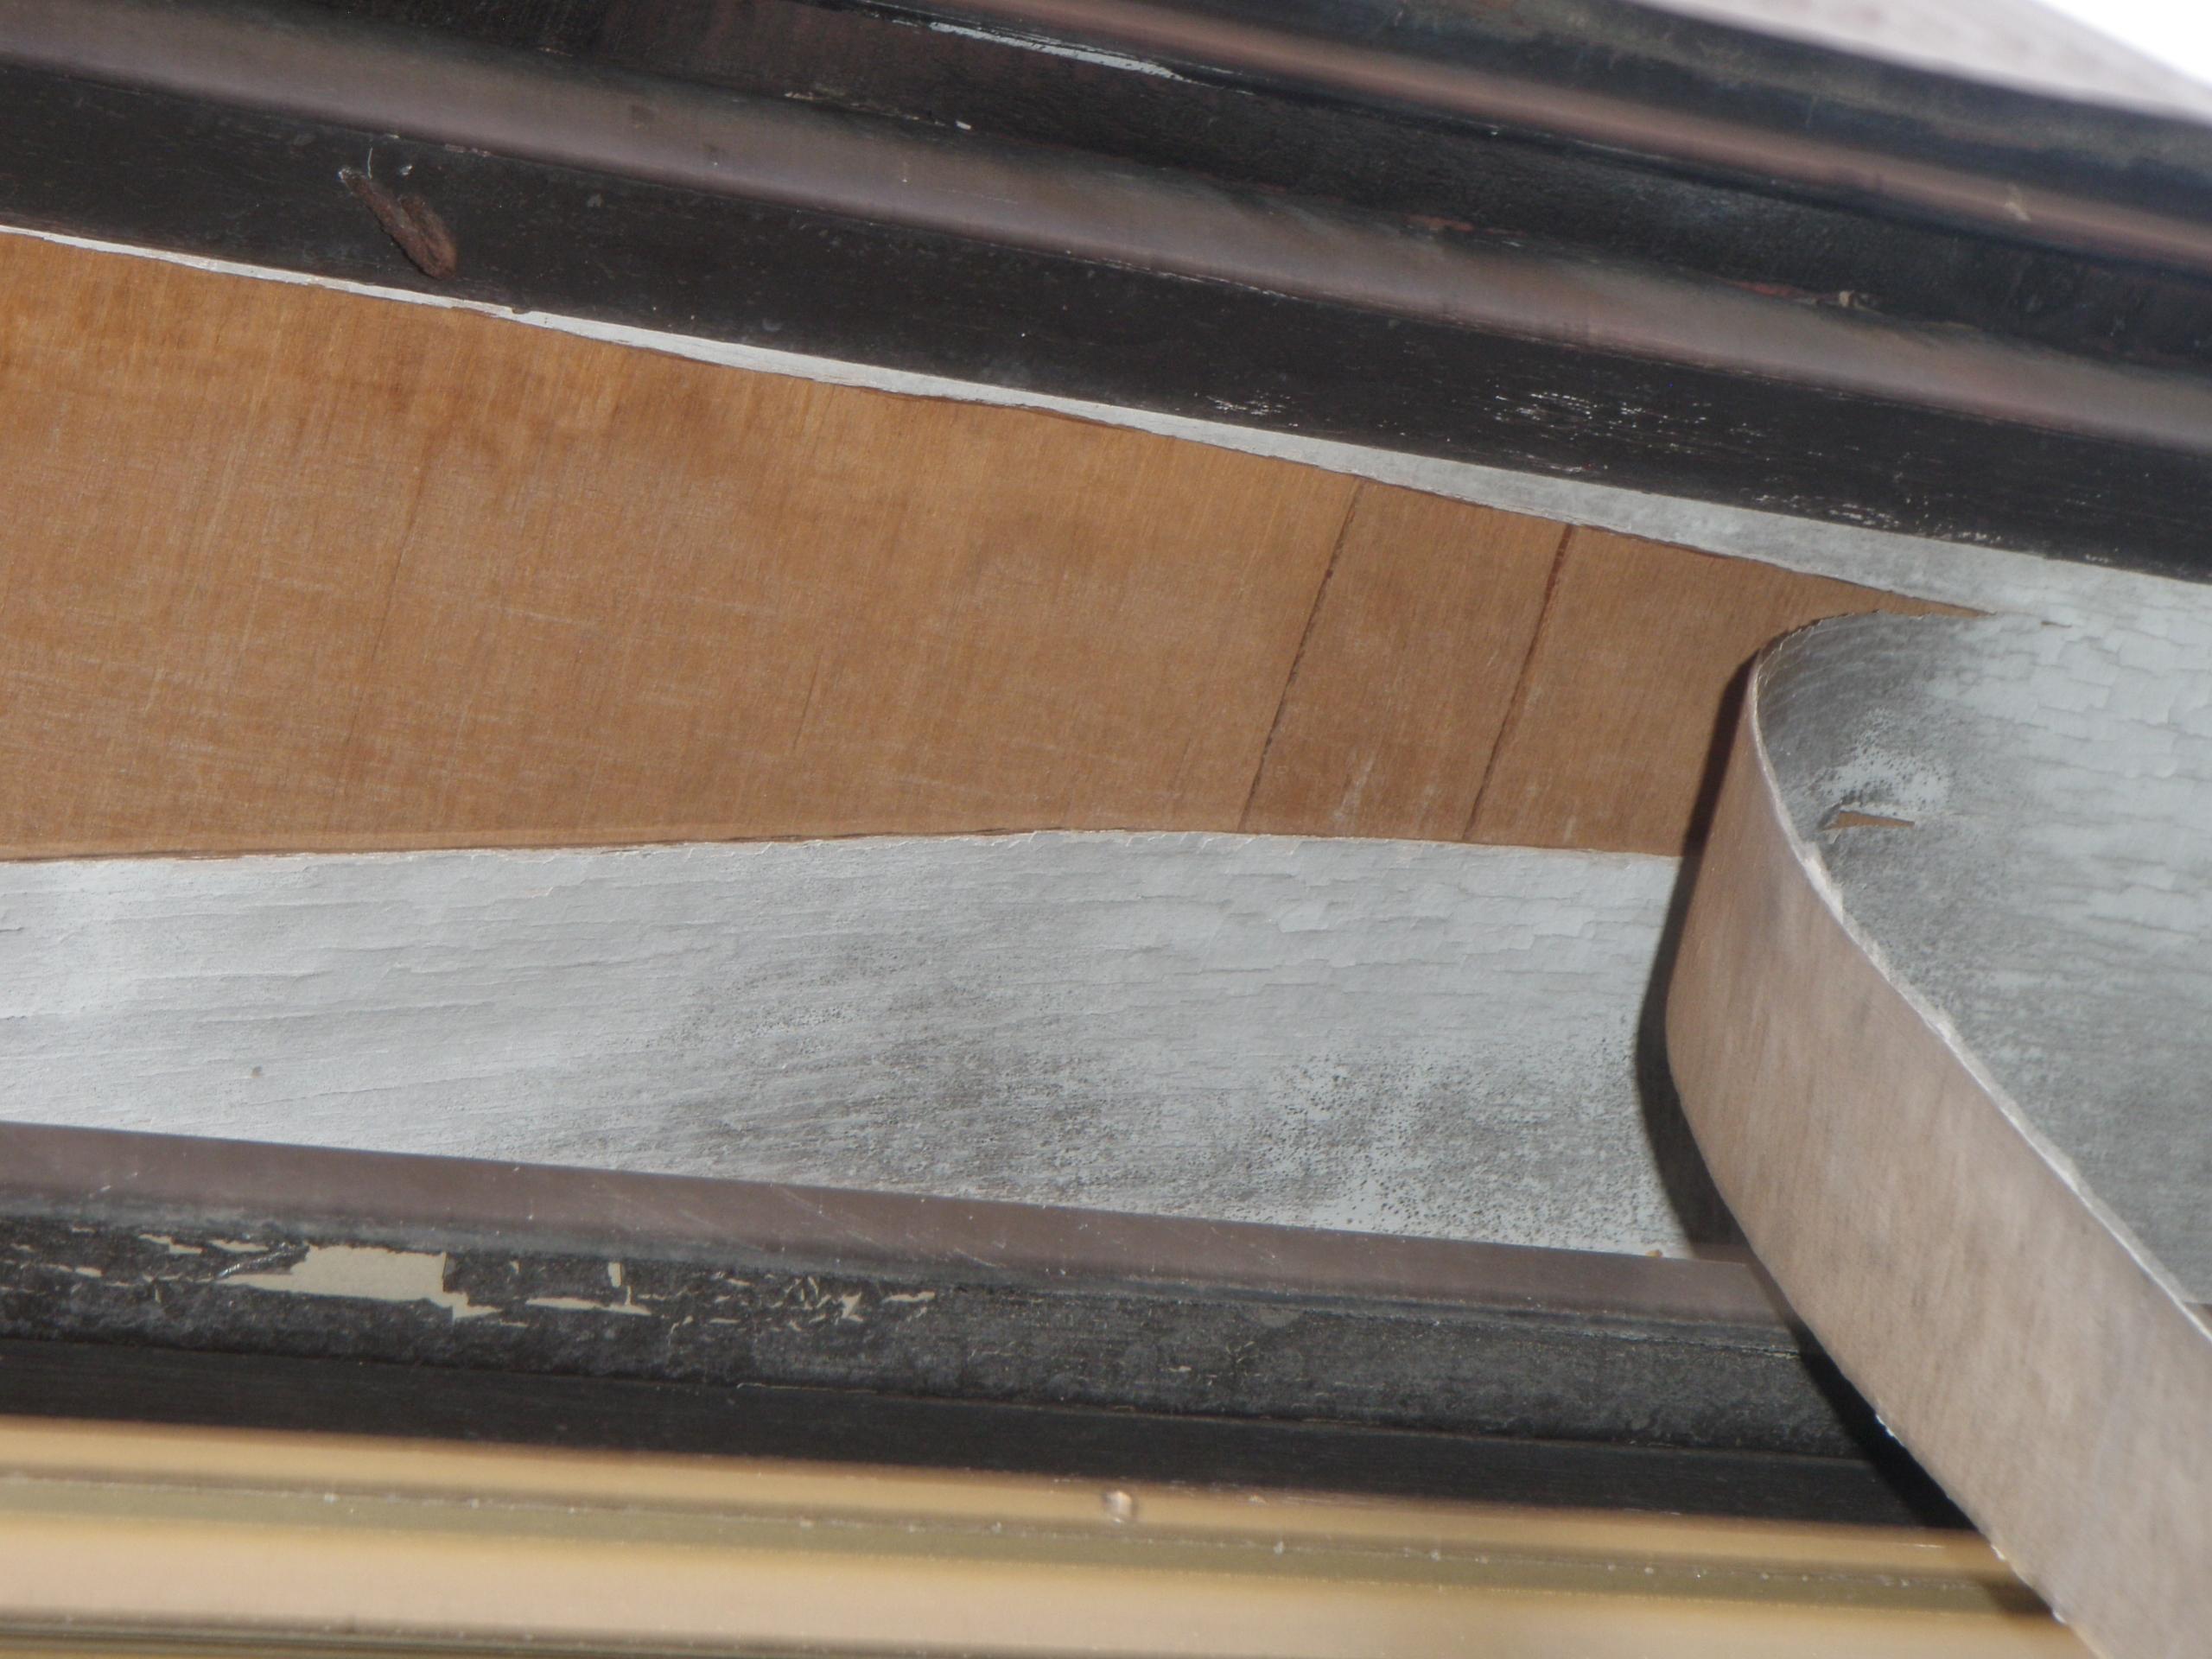 調査写真④ ベニヤ板の剥がれ